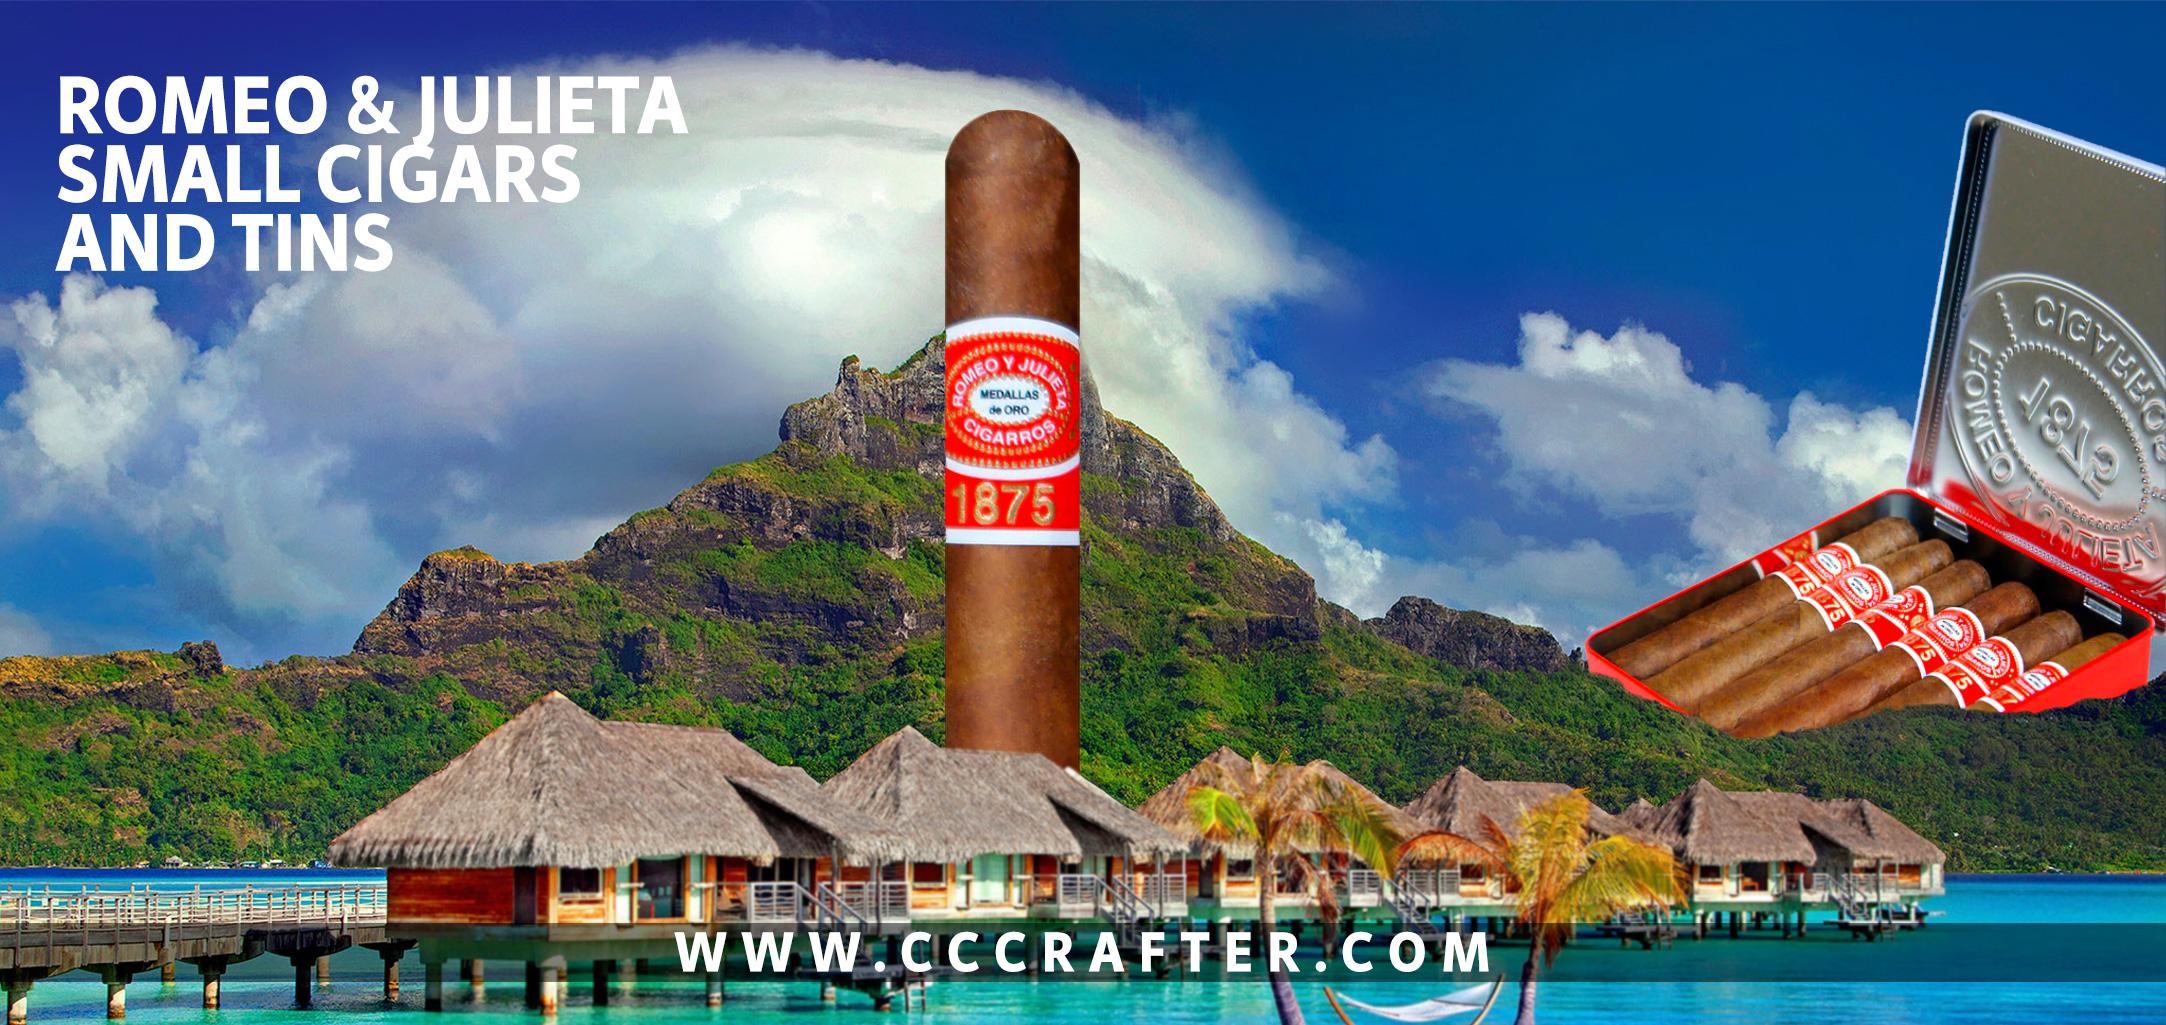 romeo-julieta-small-cigars-and-tins-banner.jpg